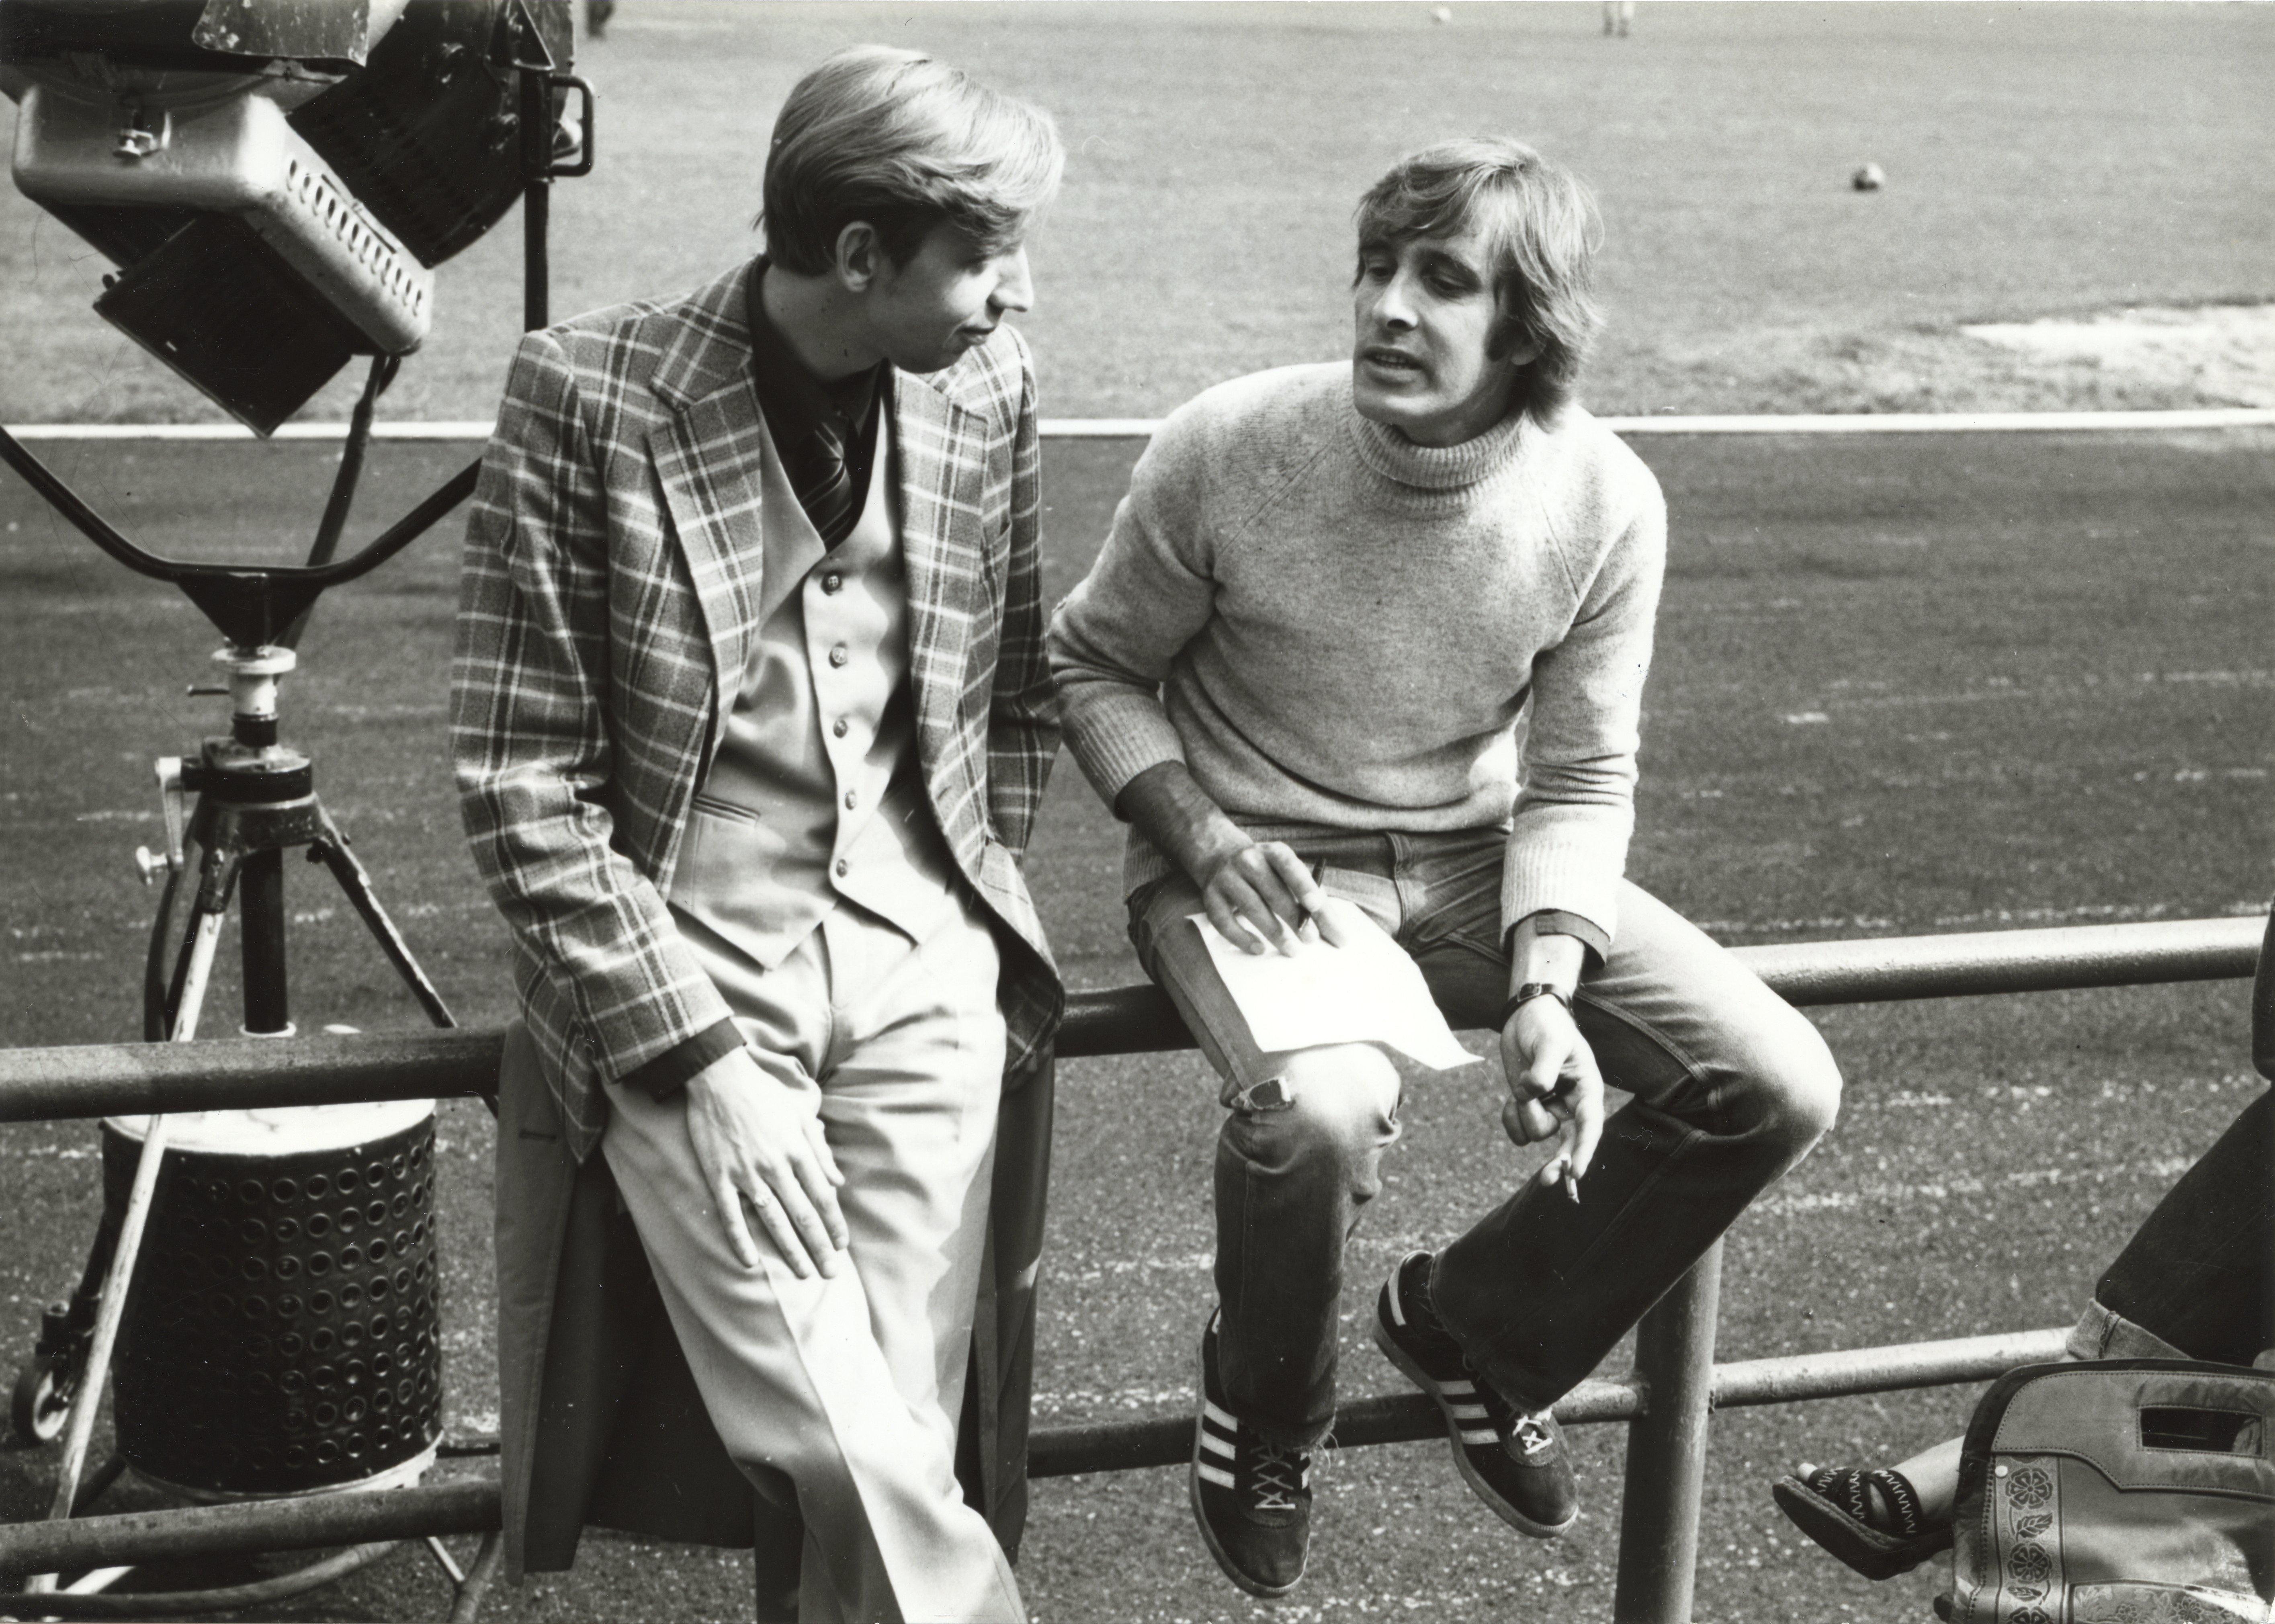 EFA 0-146799. Urmas Kibuspuu ja Lembit Ulfsak filmivõtetel. Foto: autor teadmata, 1978-'80